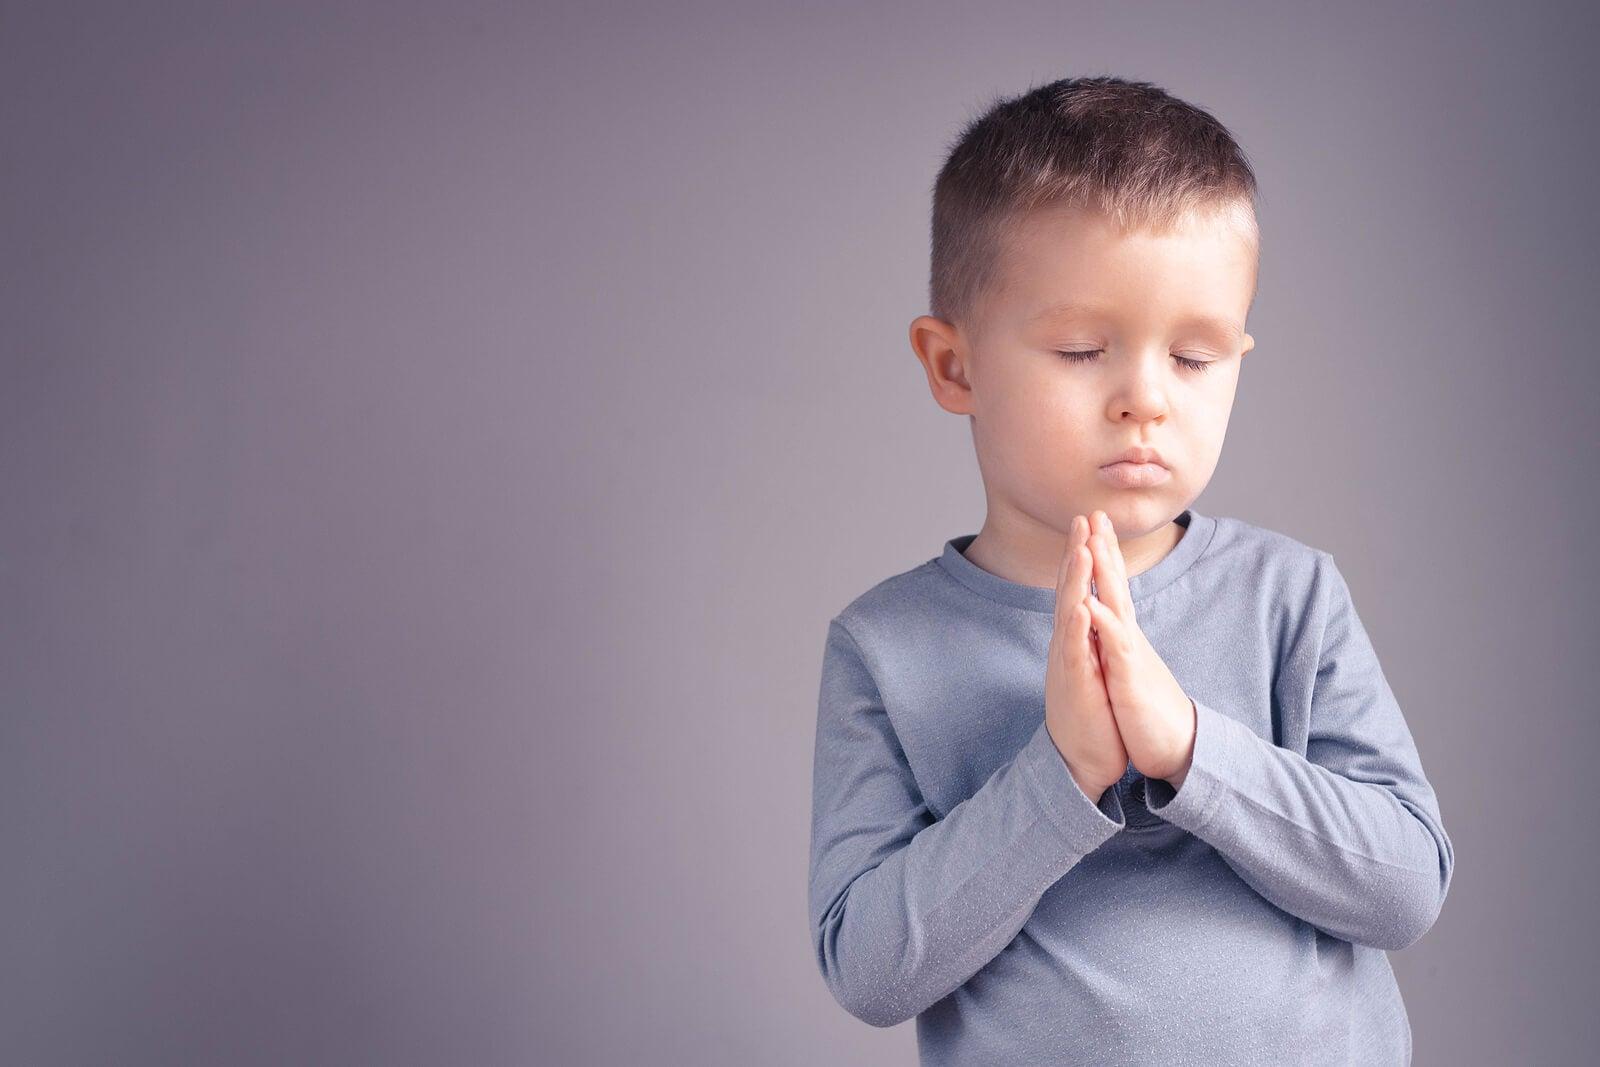 Niño meditando sobre su paz interior.